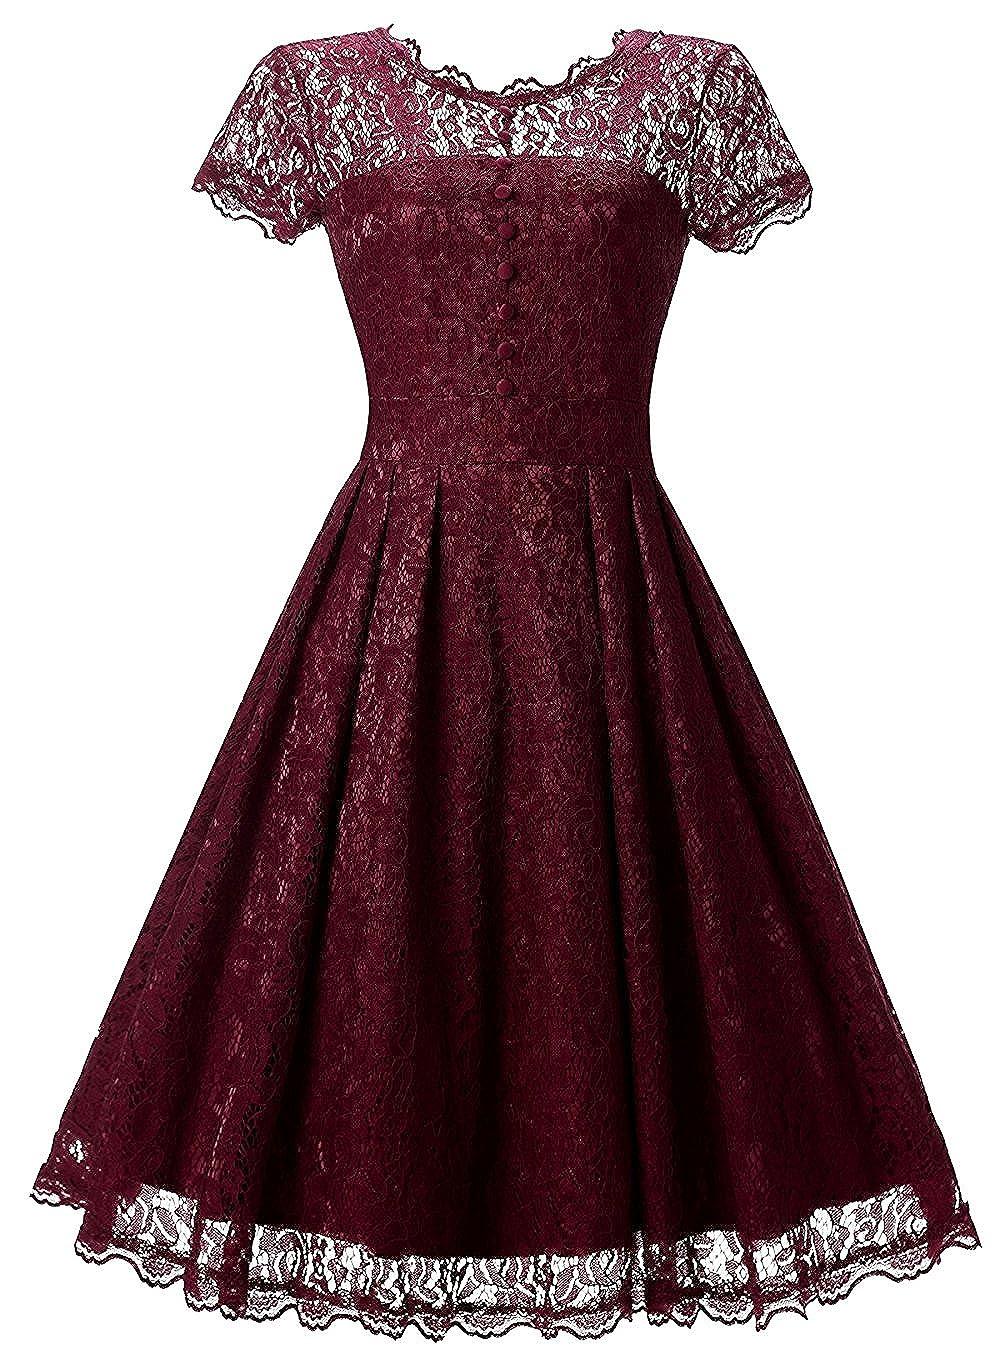 d3724985ca8 Amazon.com  Tecrio Women Elegant Vintage Floral Lace Capshoulder Cocktail Party  Swing Dress  Clothing